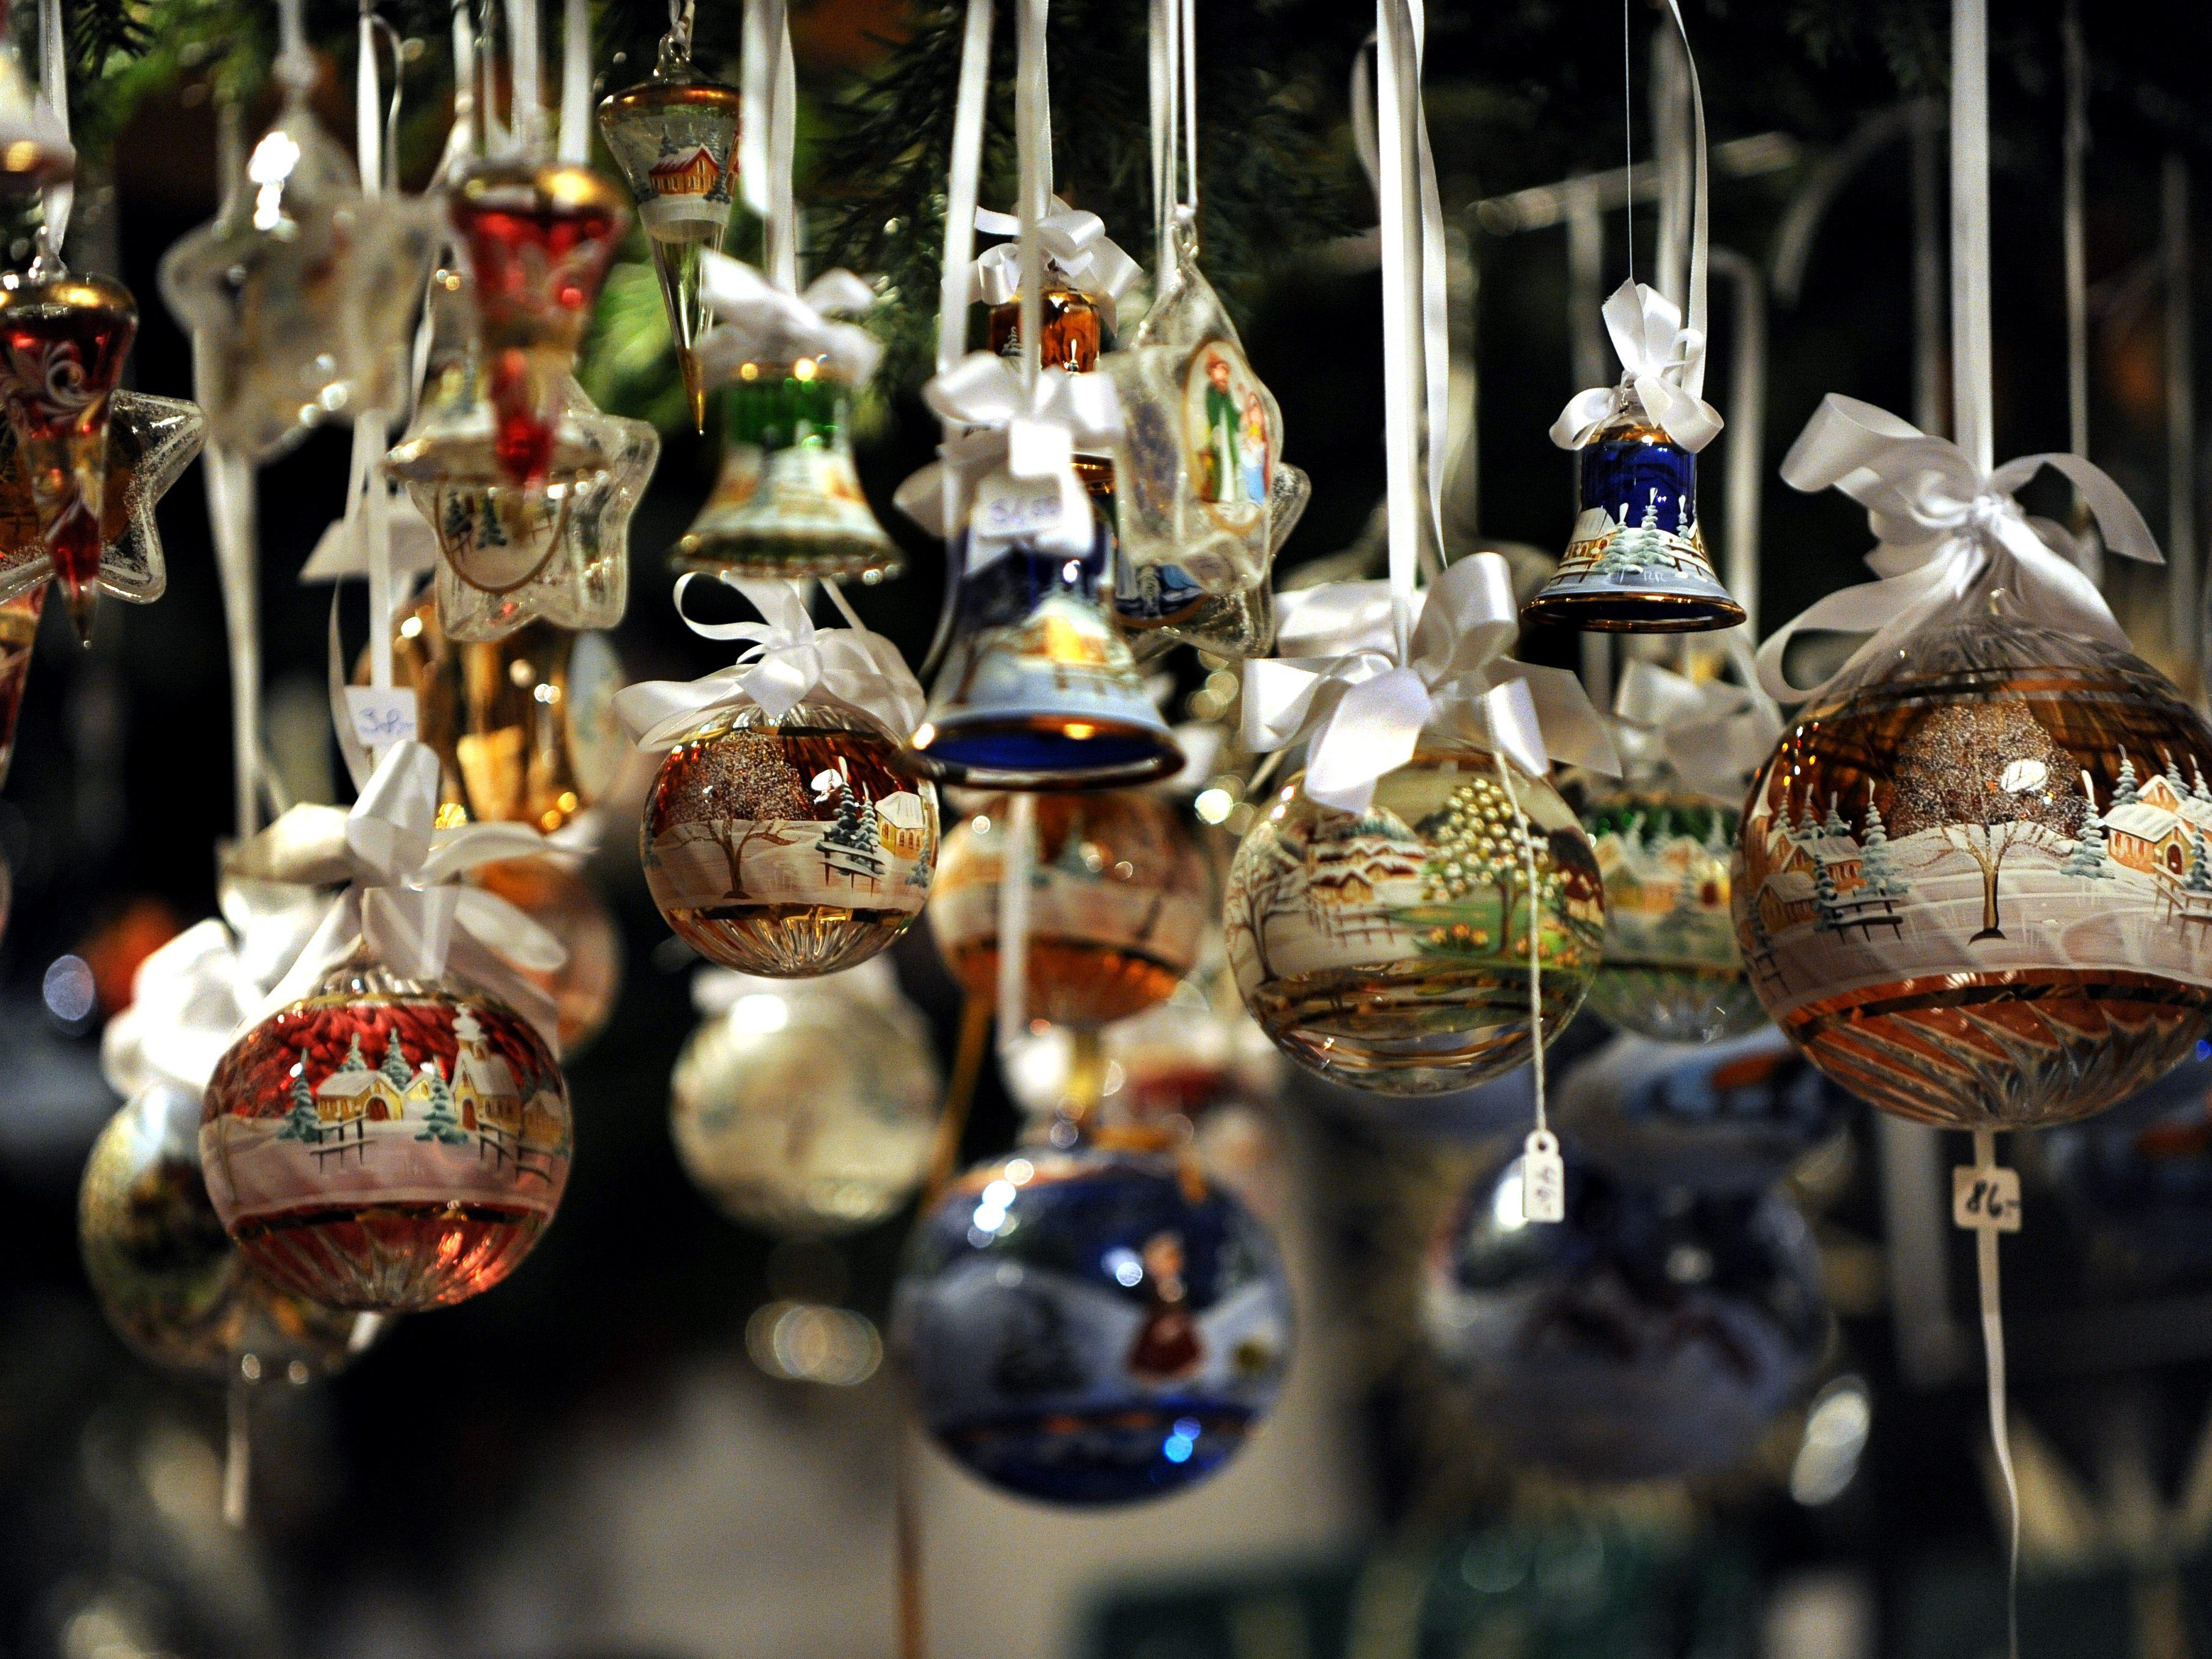 Weihnachtsmarkt Wien Eröffnung.Die Weihnachtsmärkte In Wien 2018 Weihnachten In Wien Vienna At